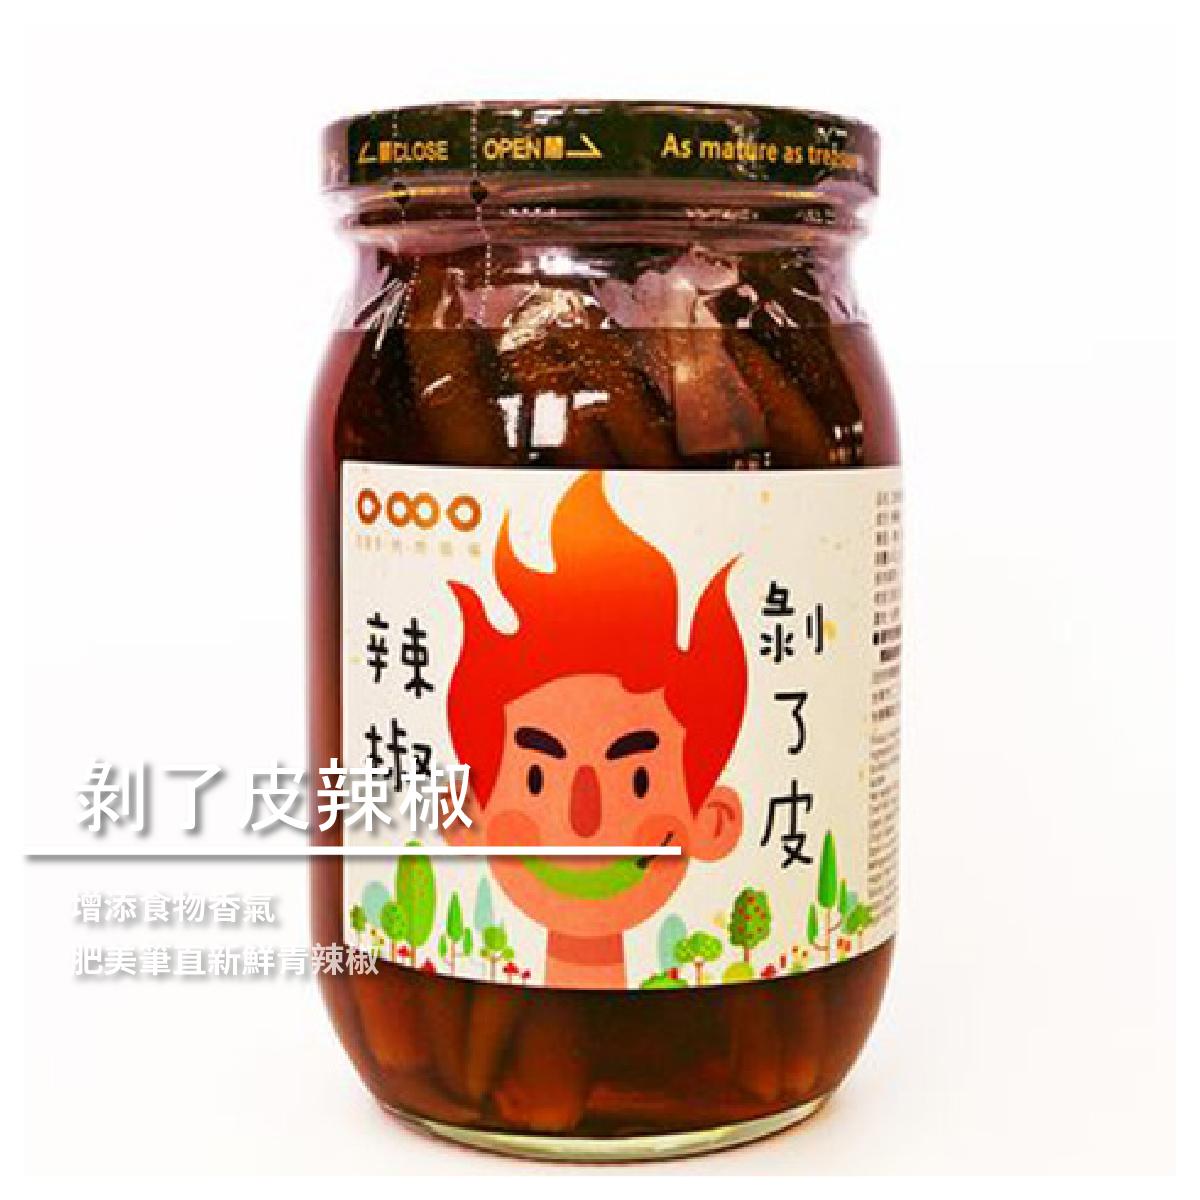 【089快樂農場】剝了皮辣椒450g/罐